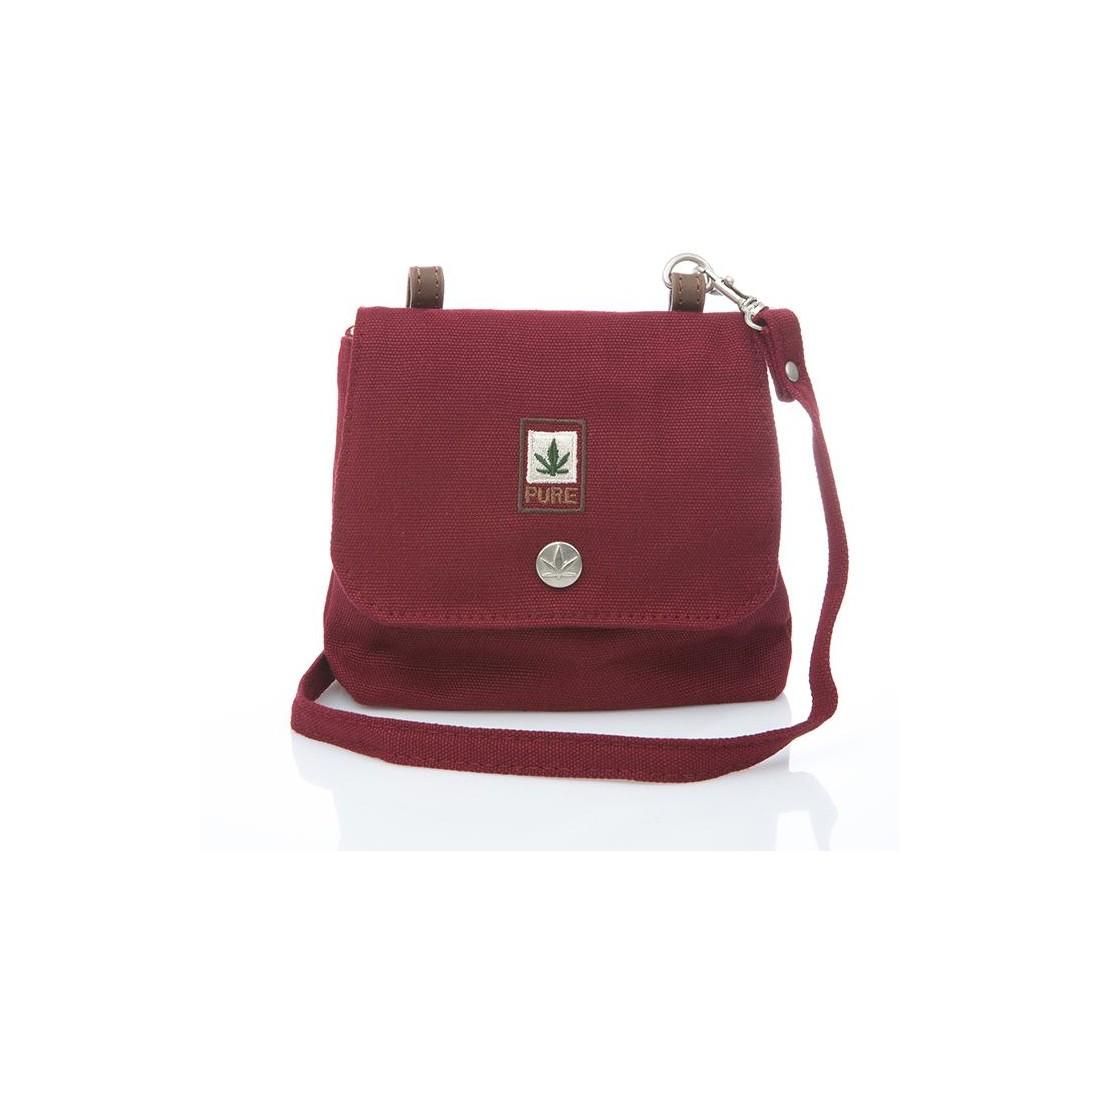 647be646d6 Mini sac bandouliere ou ceinture Pure - coton biologique